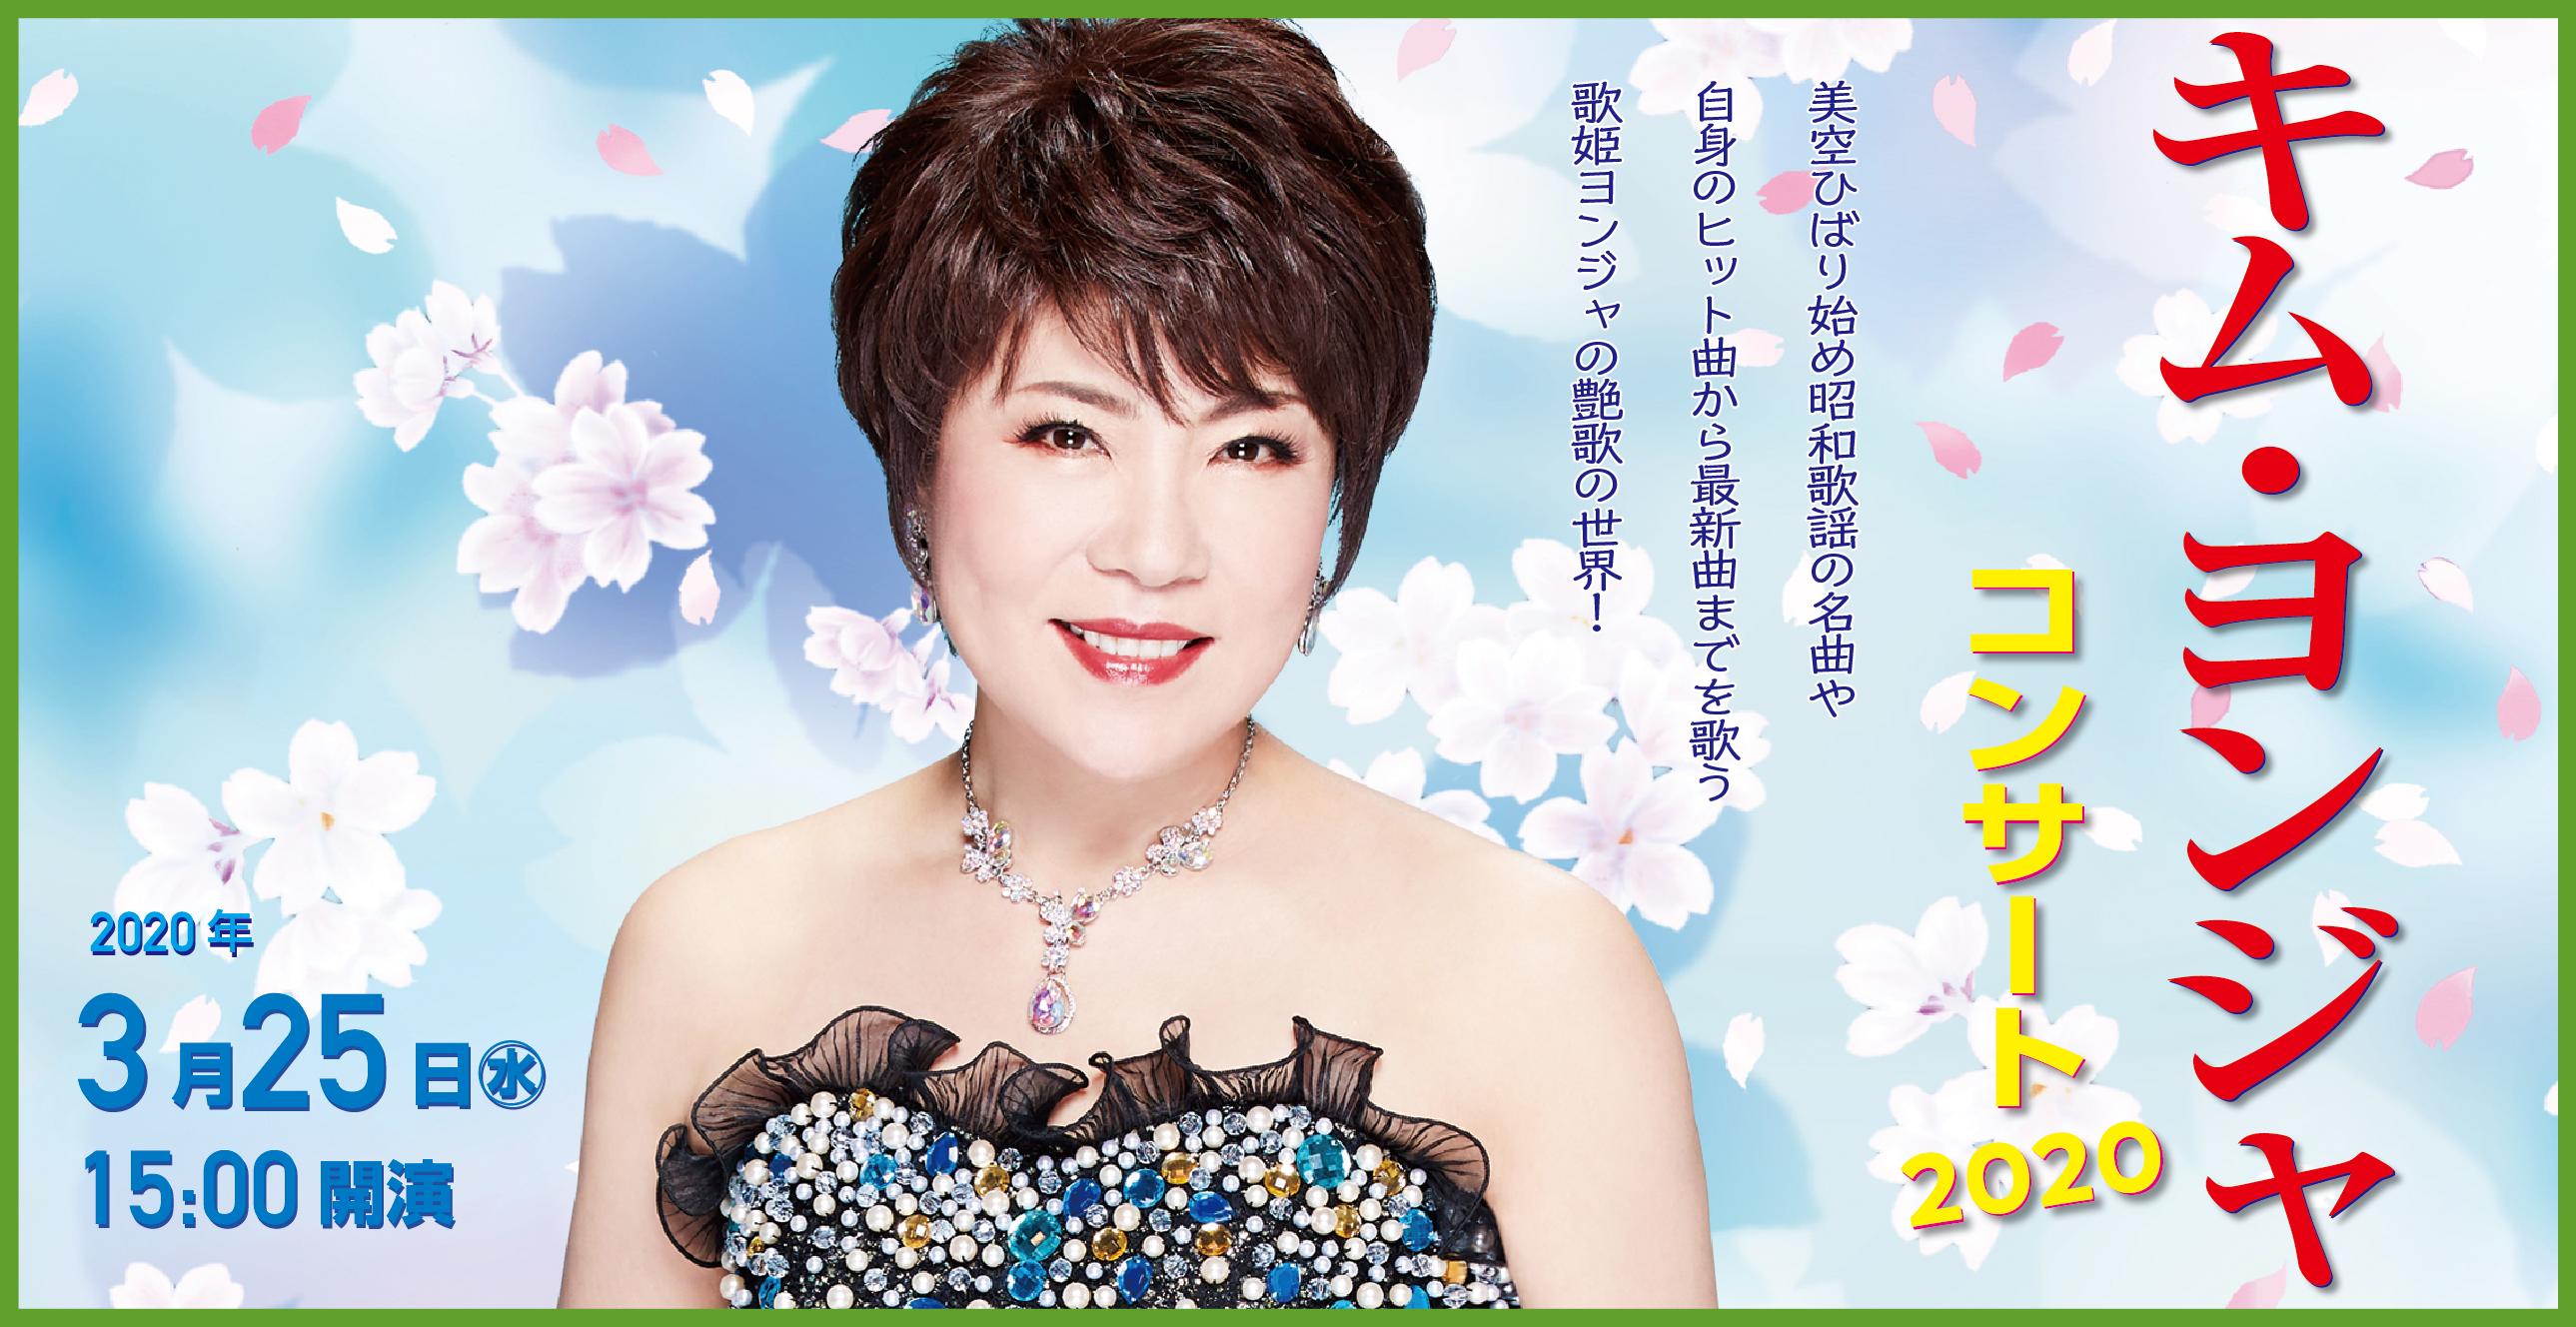 キム・ヨンジャコンサート2020